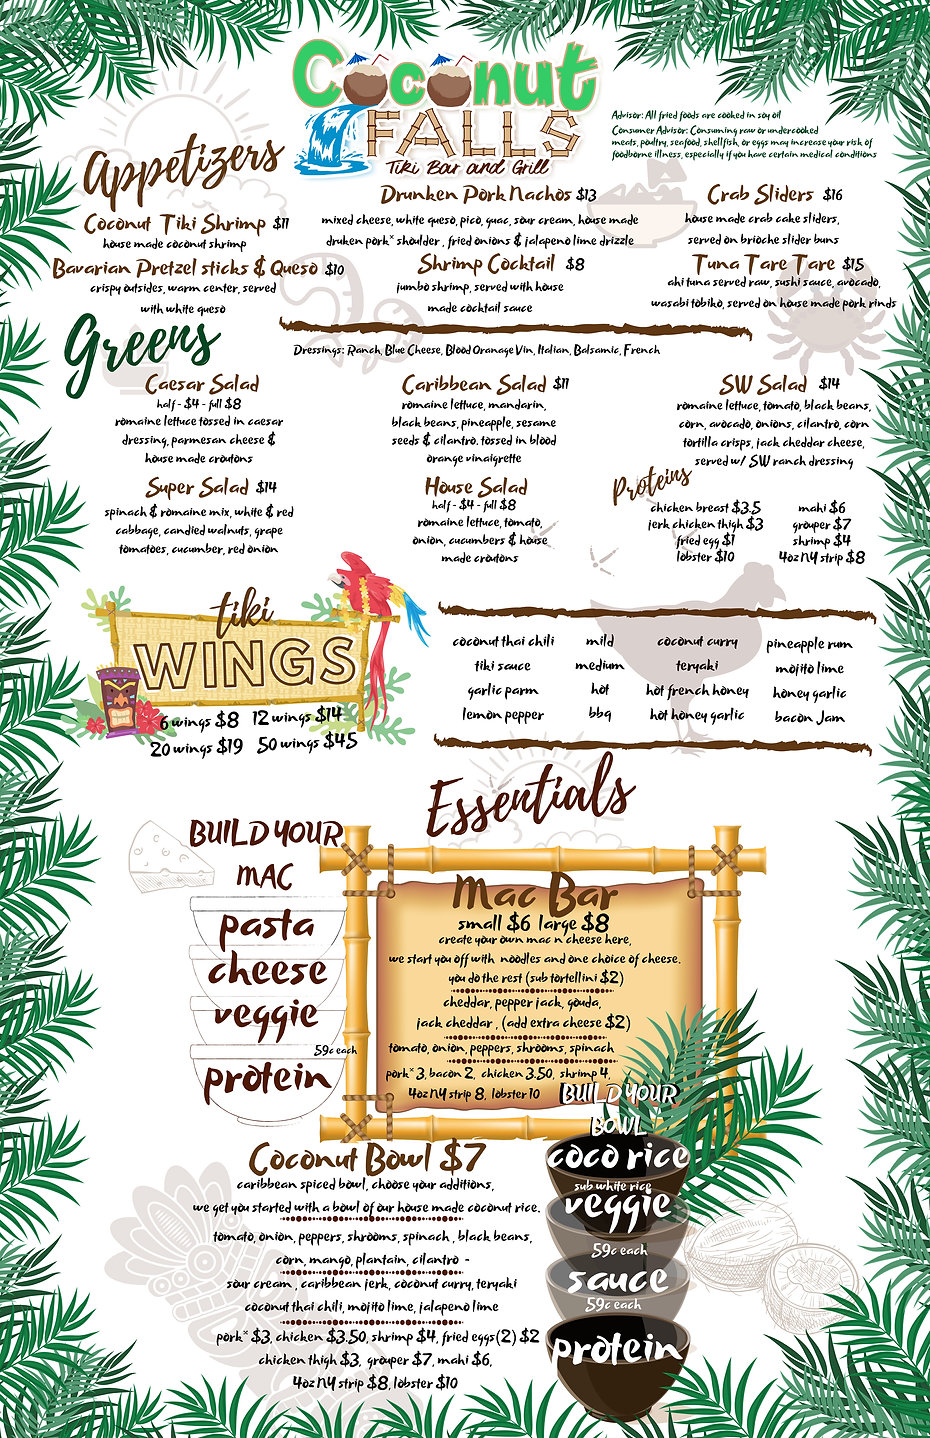 full menu-1.jpg